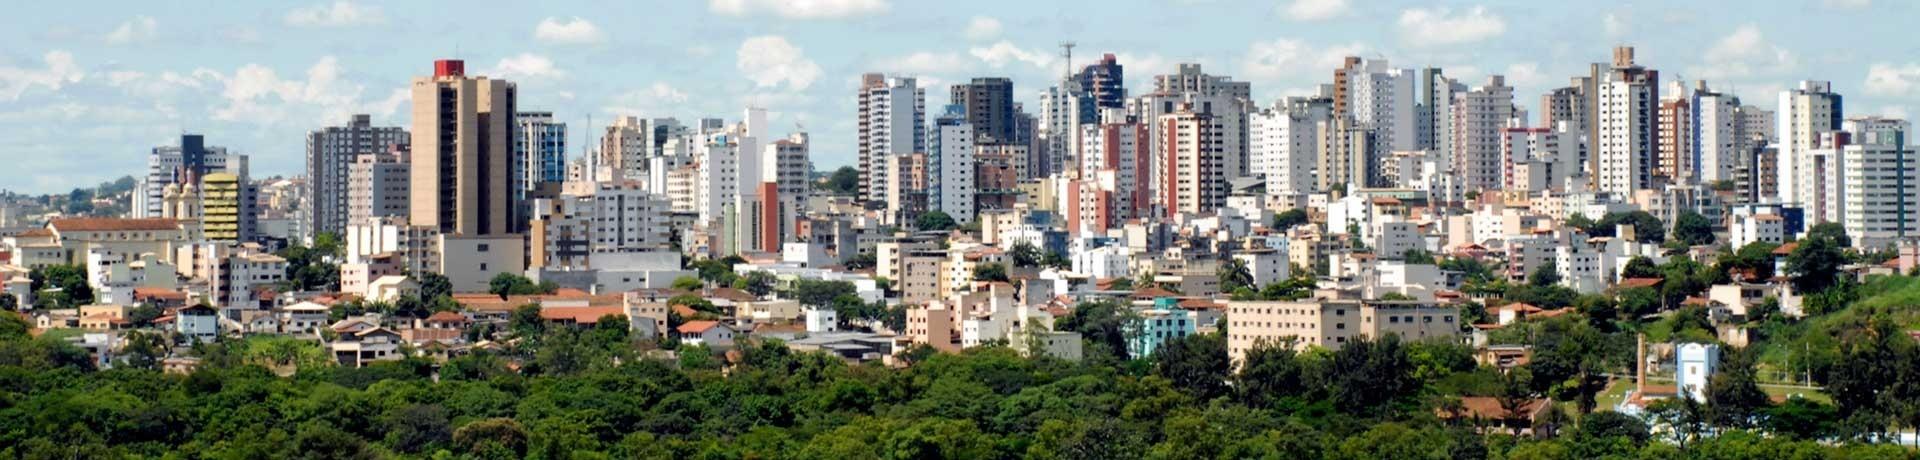 Índice do Sebrae aponta Divinópolis como uma das 10 cidades com melhor desenvolvimento econômico de MG - Noticias